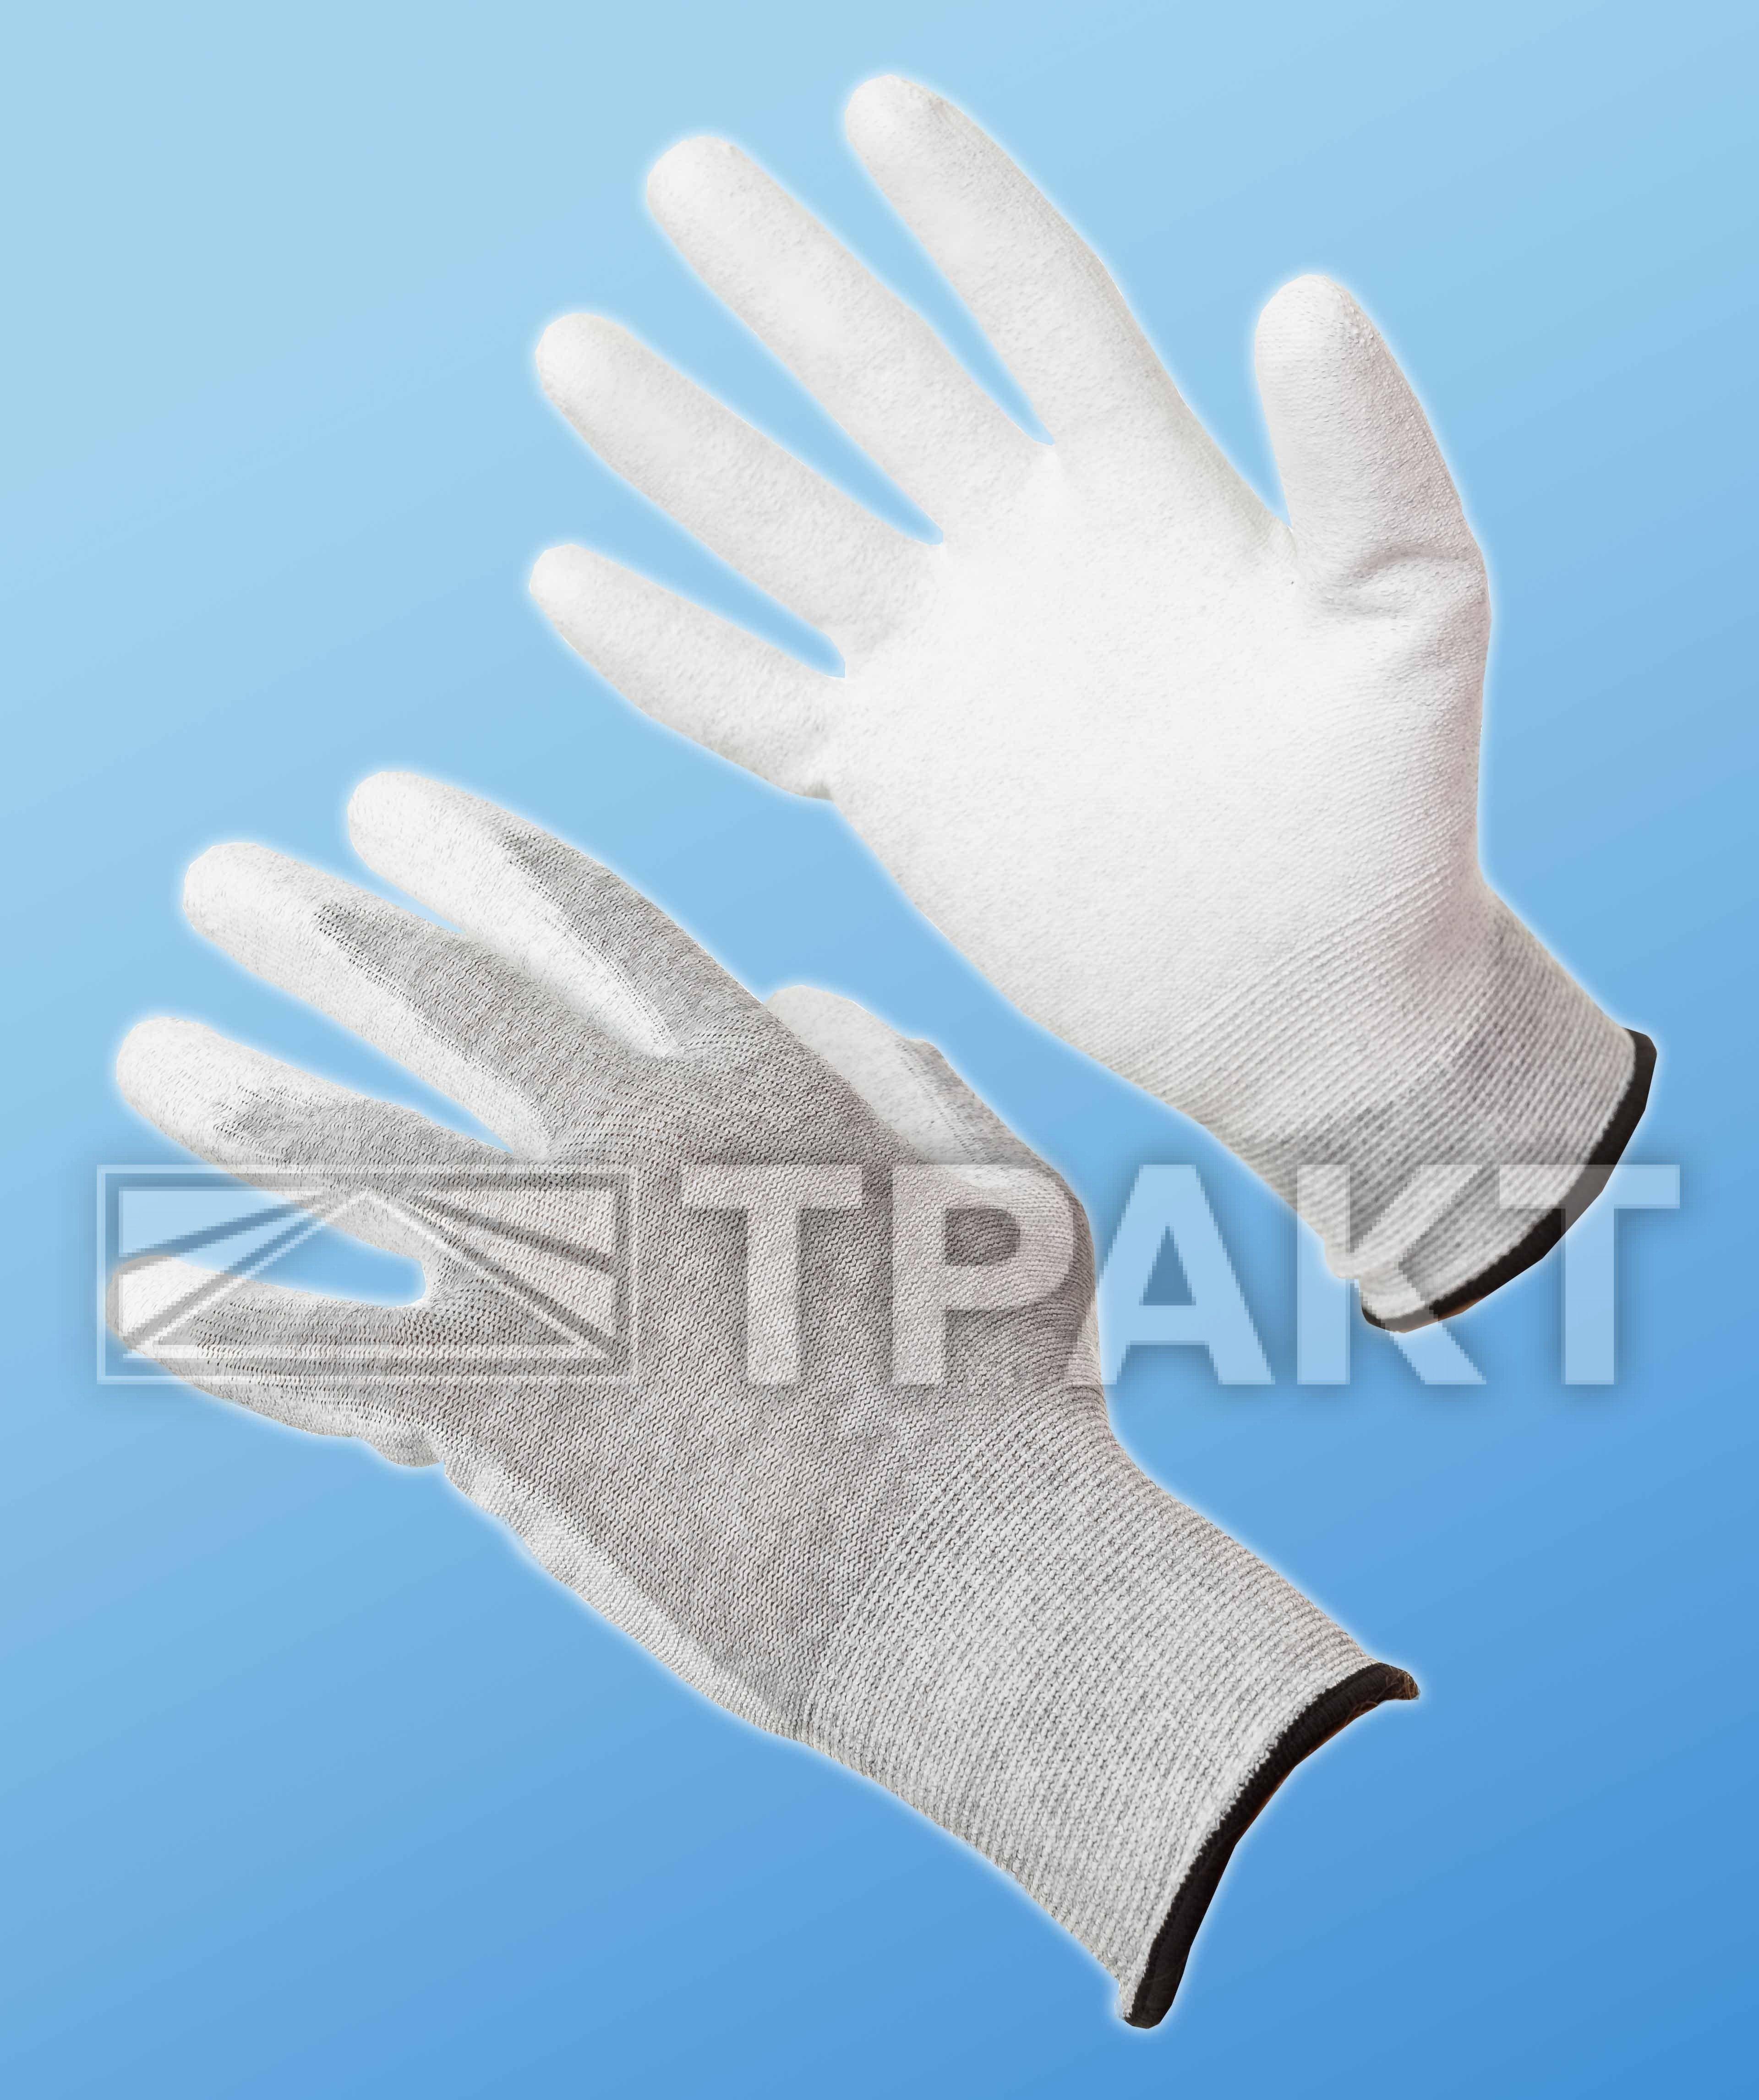 Перчатки МУЛЬТЕКС® с полиуретановым покрытием антистатичные - спецодежда от ТРАКТ